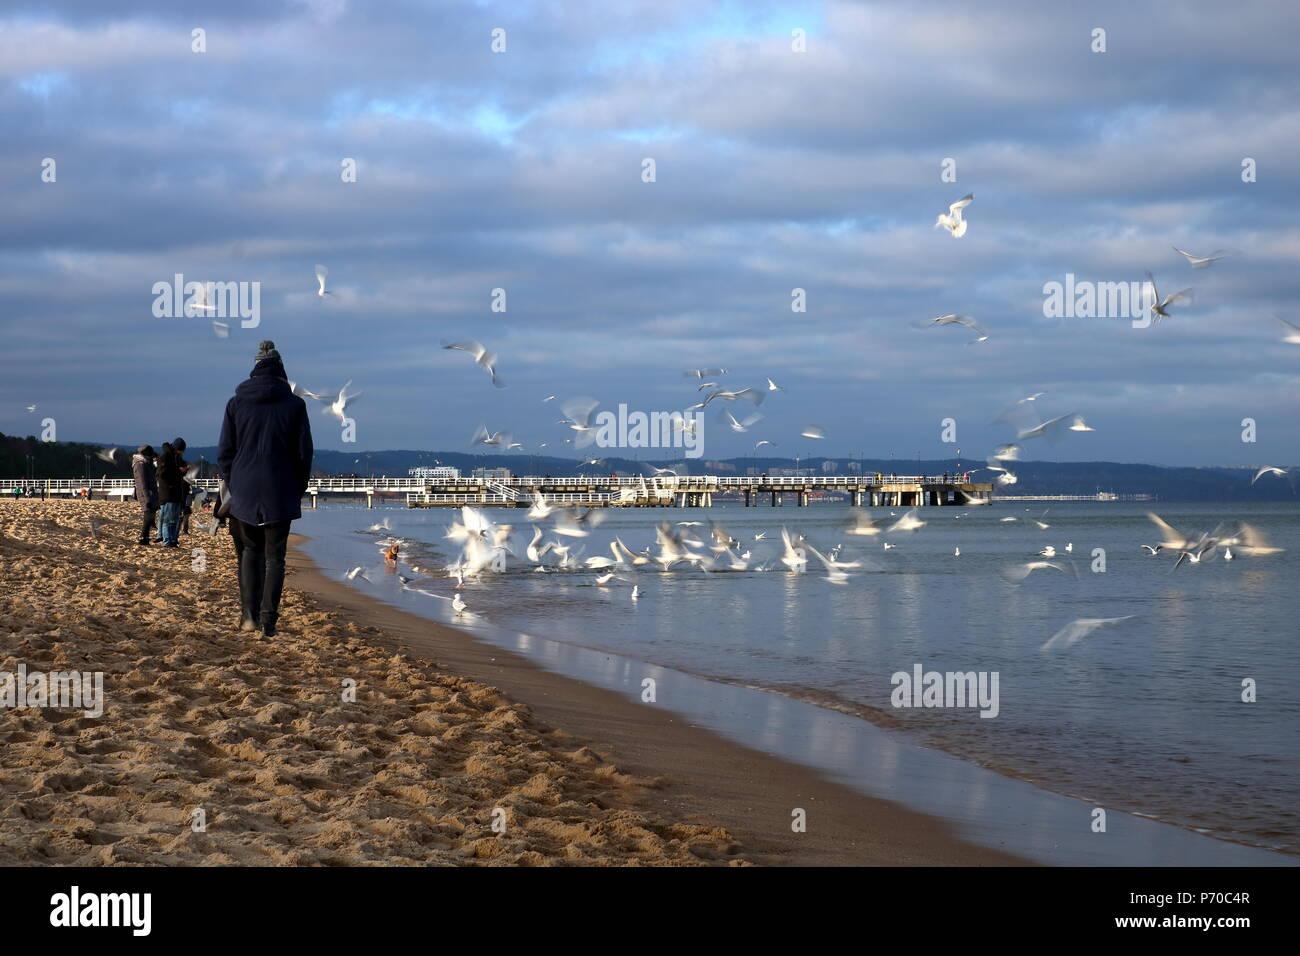 Meer, Meer Vögel fliegen, Menschen mit Sandstrand, kaltes Wetter, bewölkter Himmel, Menschen in Jacken und Mützen bekleidet Stockbild